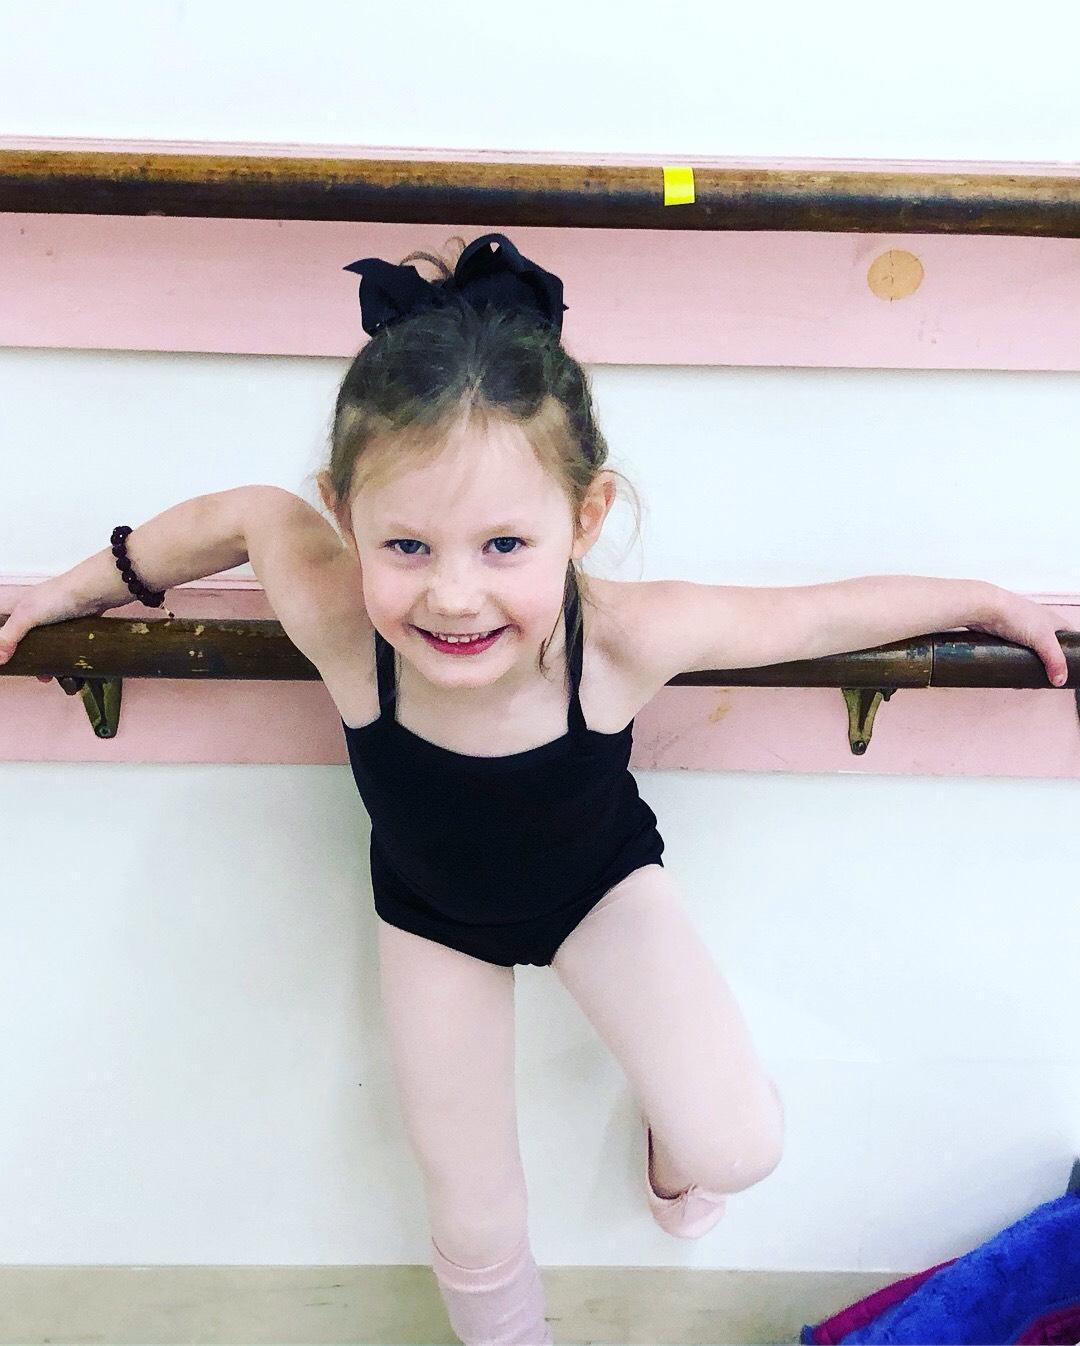 Queen Ballerina